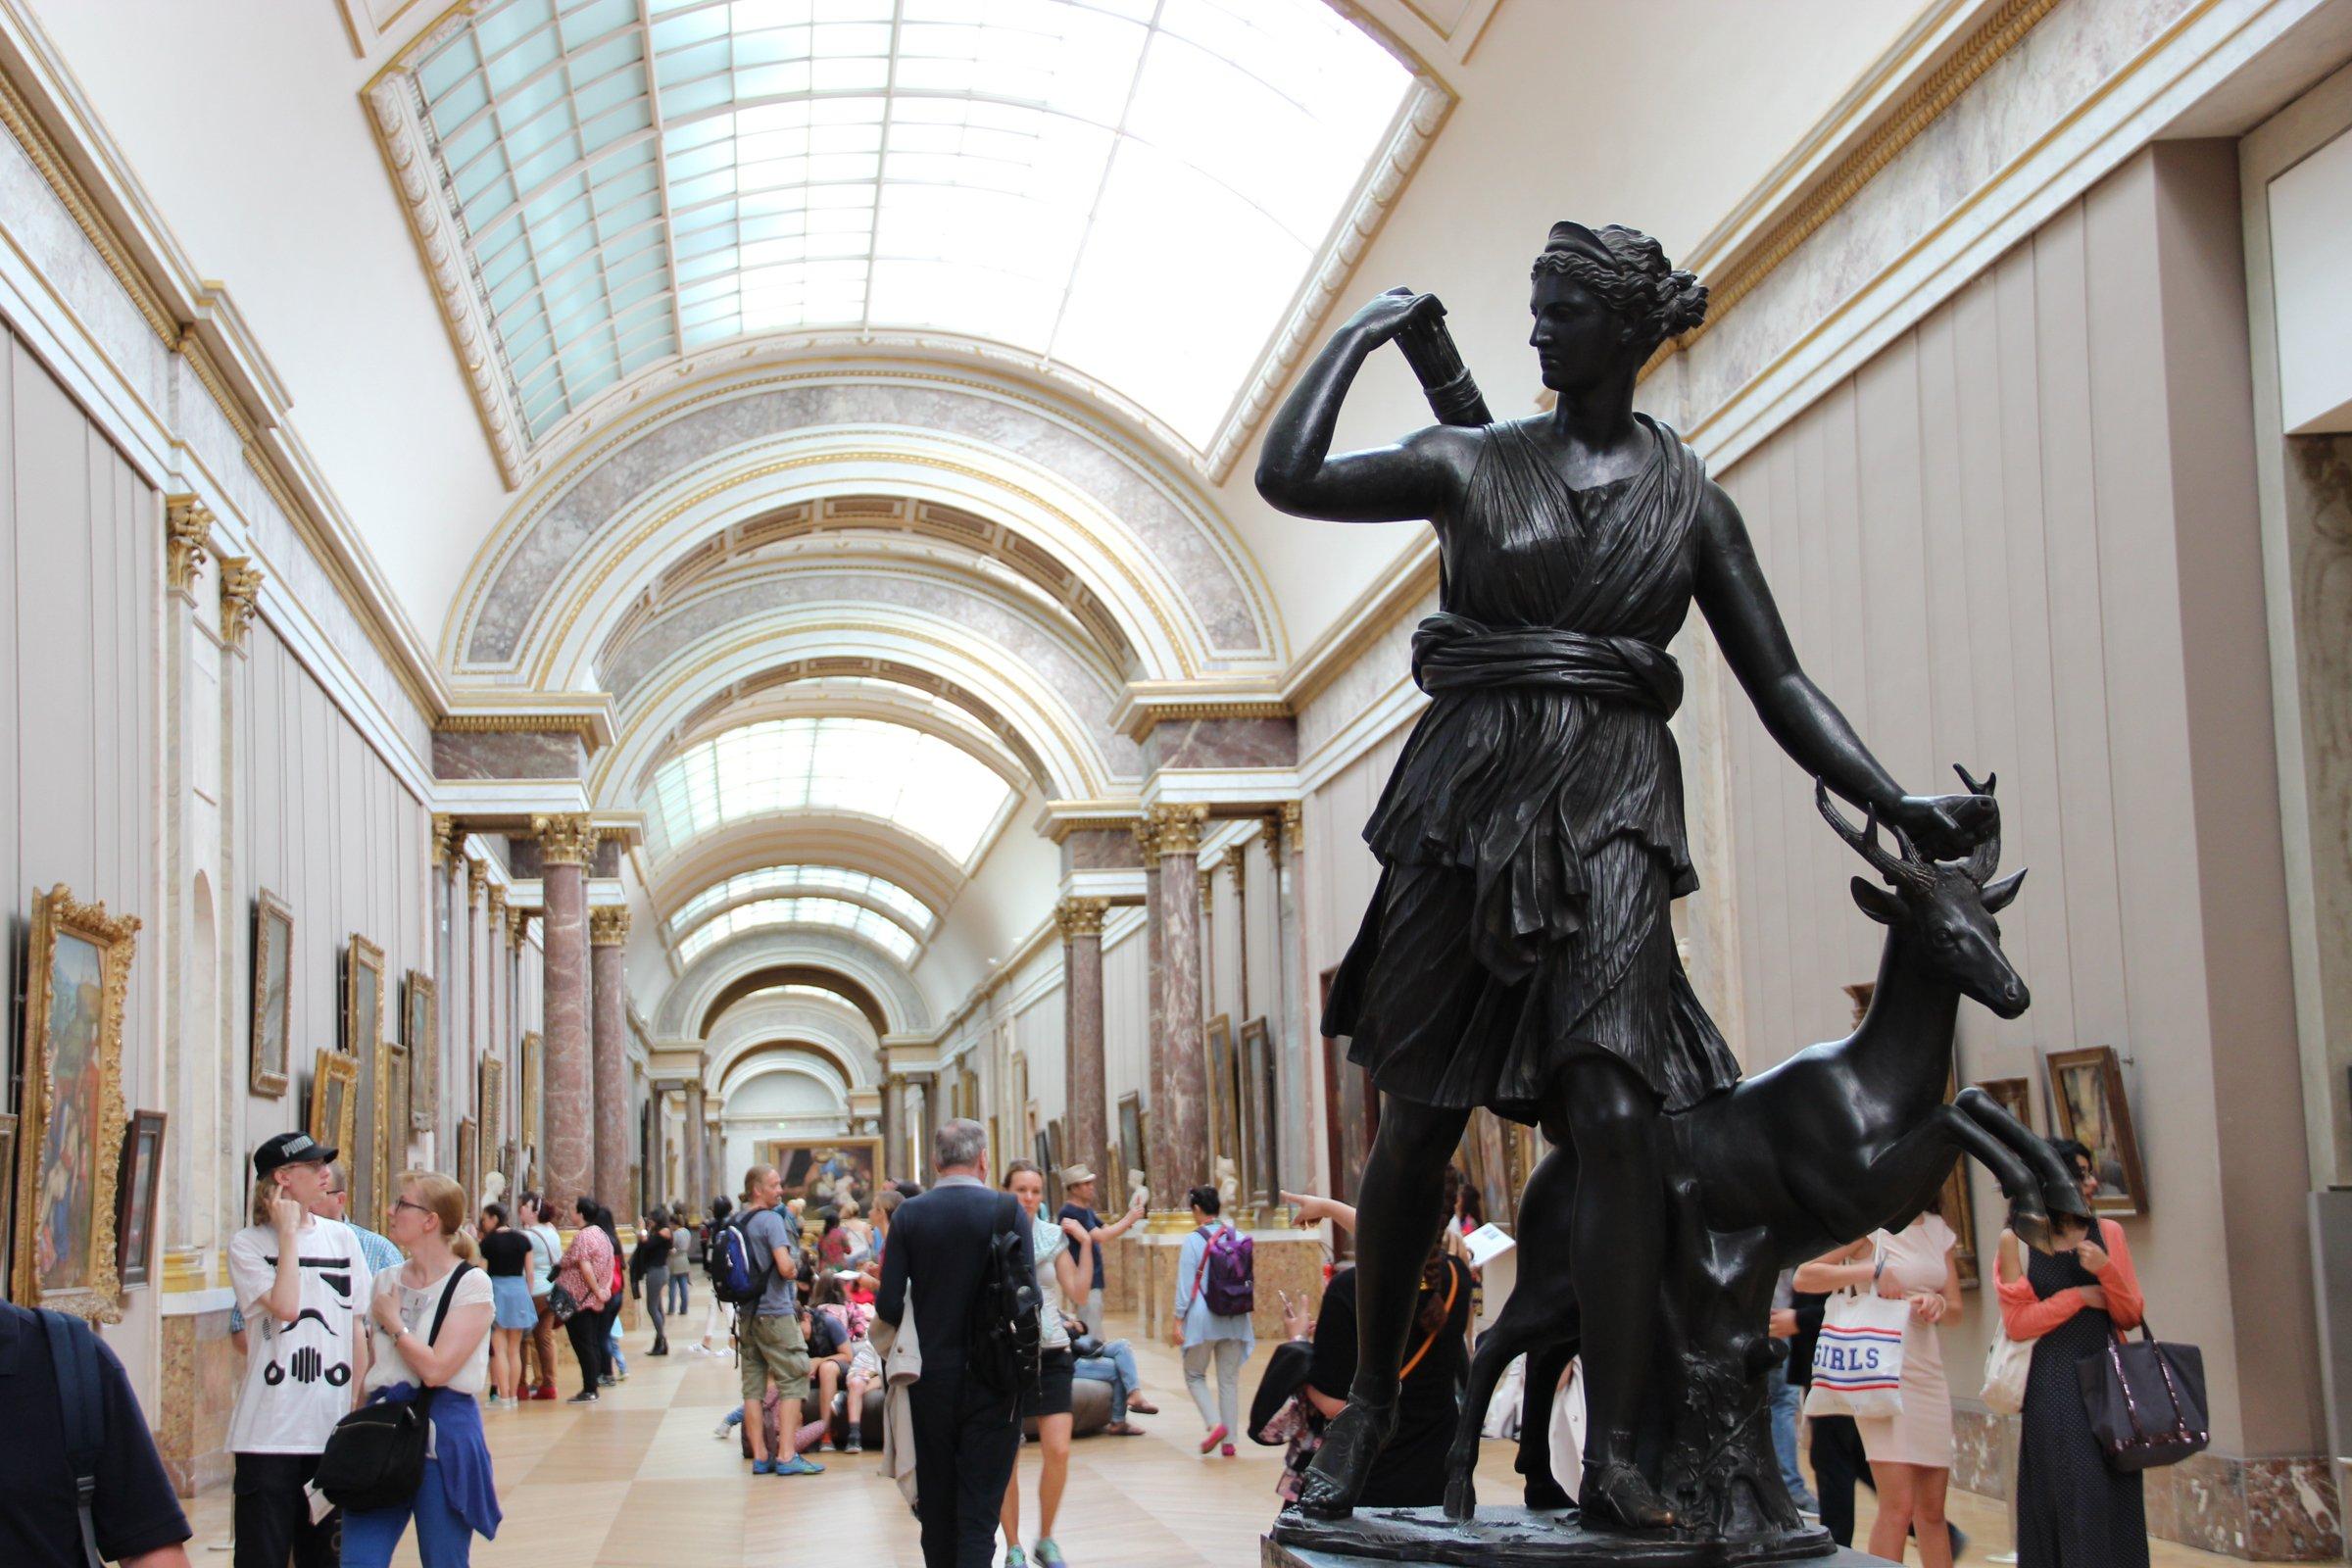 Statue in Museum Hallway